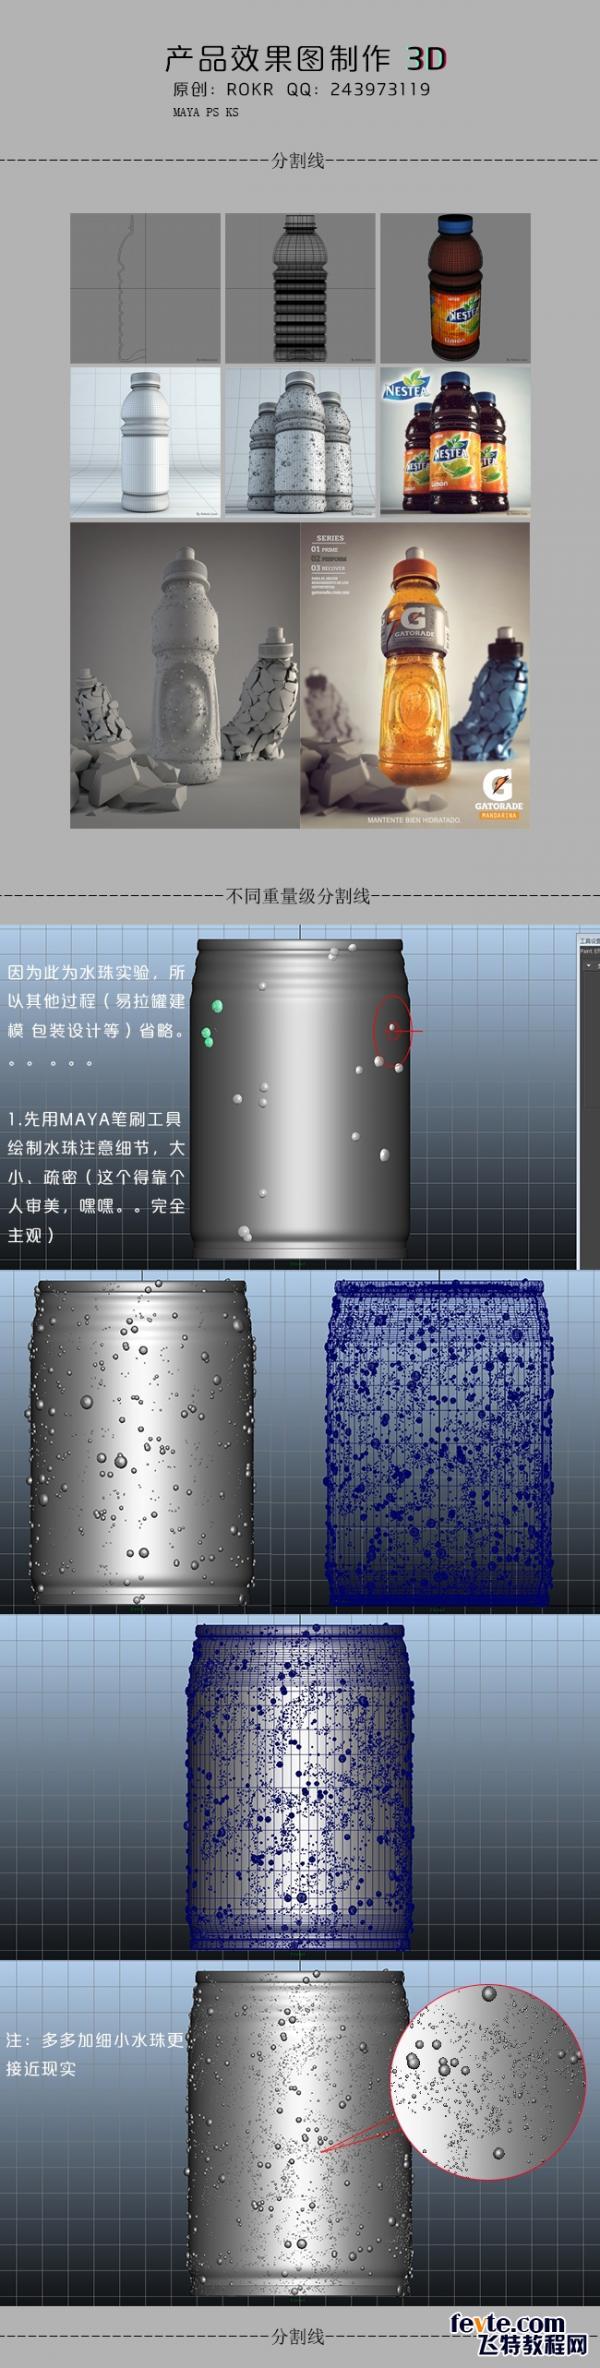 使用3DSMAX材质贴图制作产品效果图